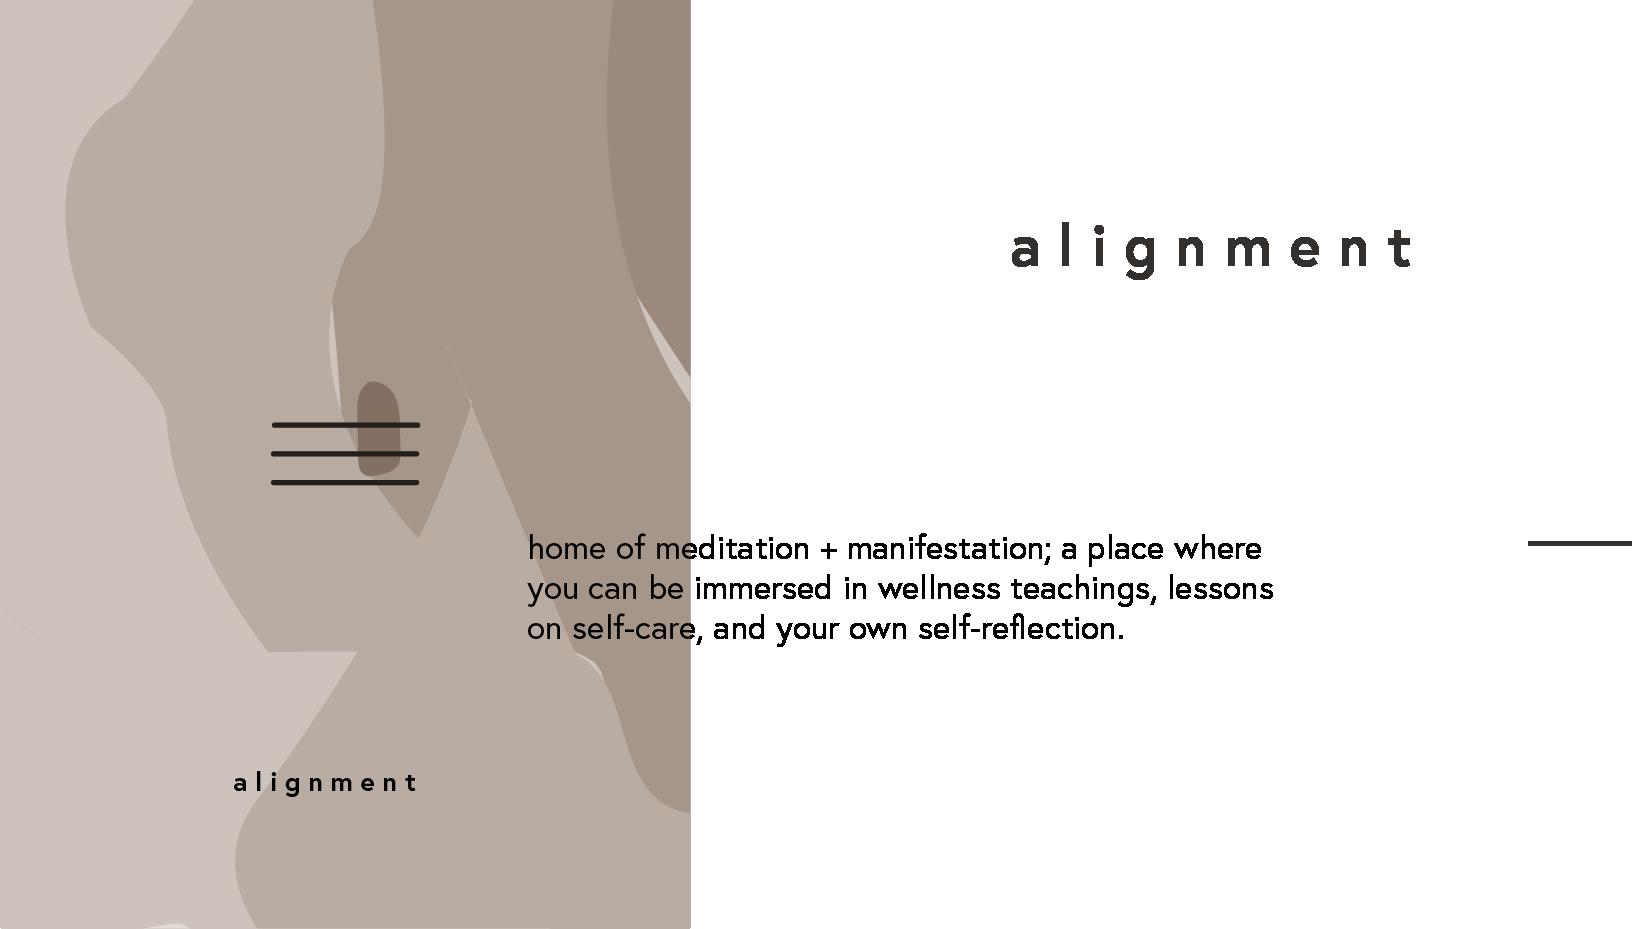 alignmentblog.png